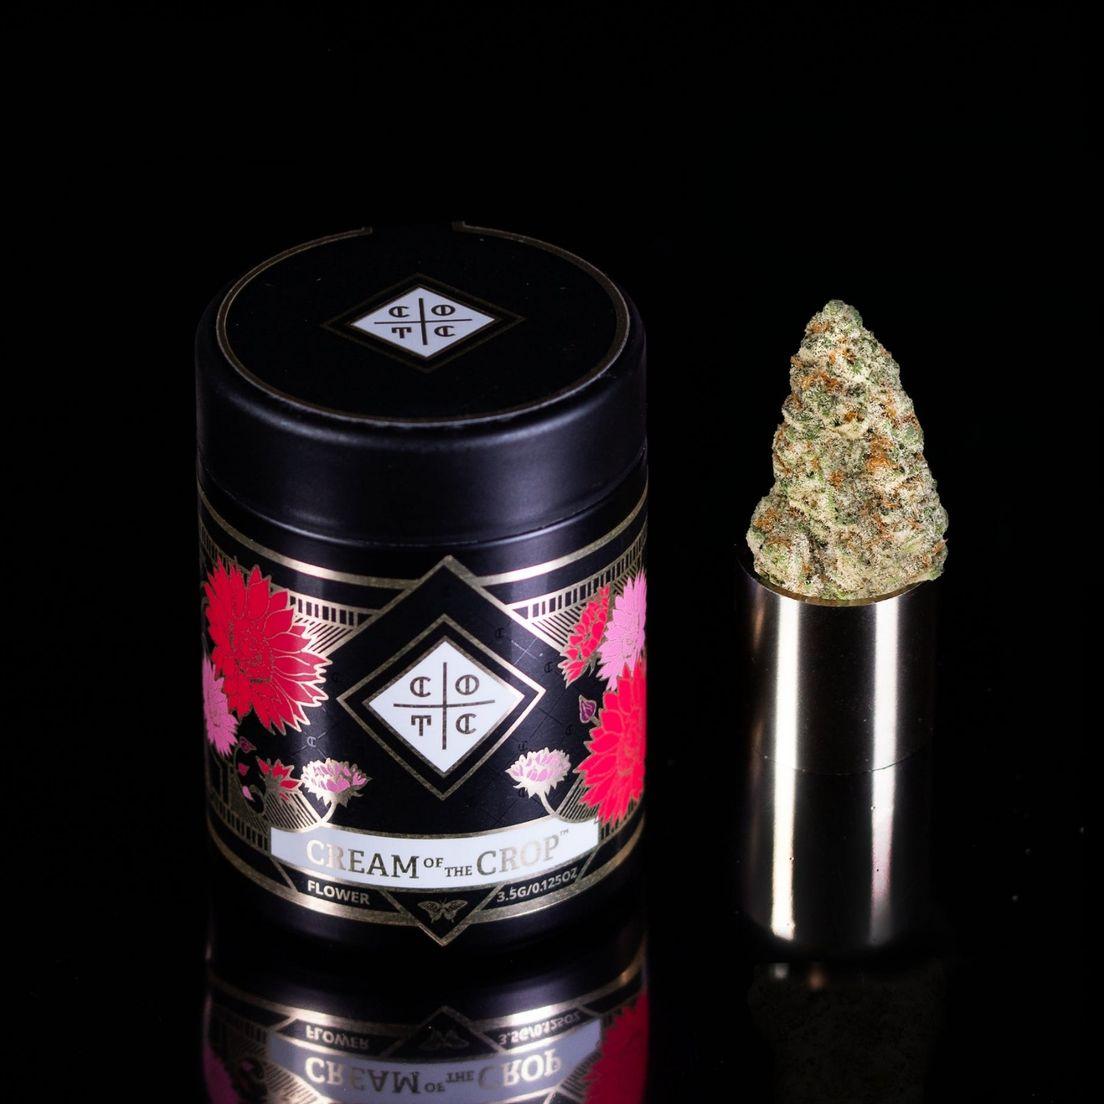 B. Cream of the Crop 1g Flower - 9/10 - Bananalato (~32% THC)